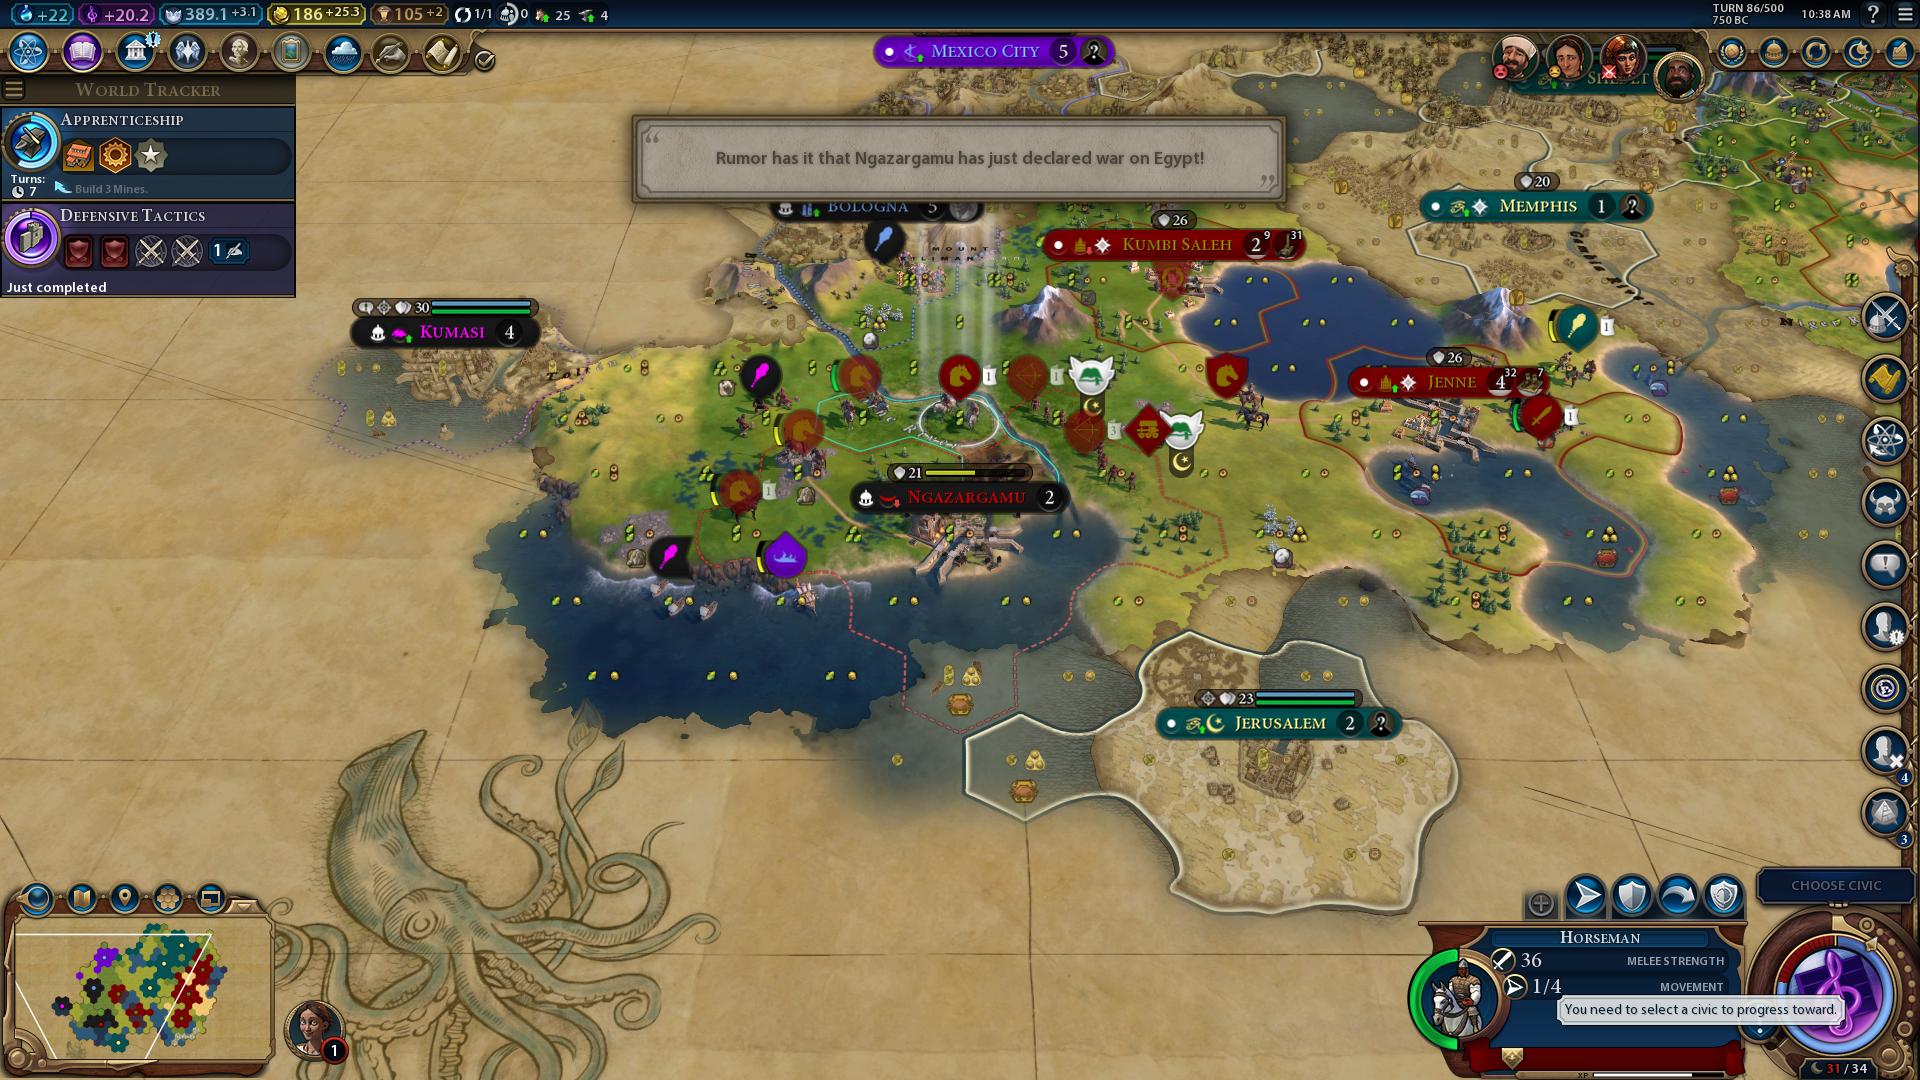 Sid Meier's Civilization VI (DX11) 3_15_2019 10_38_21 AM.png